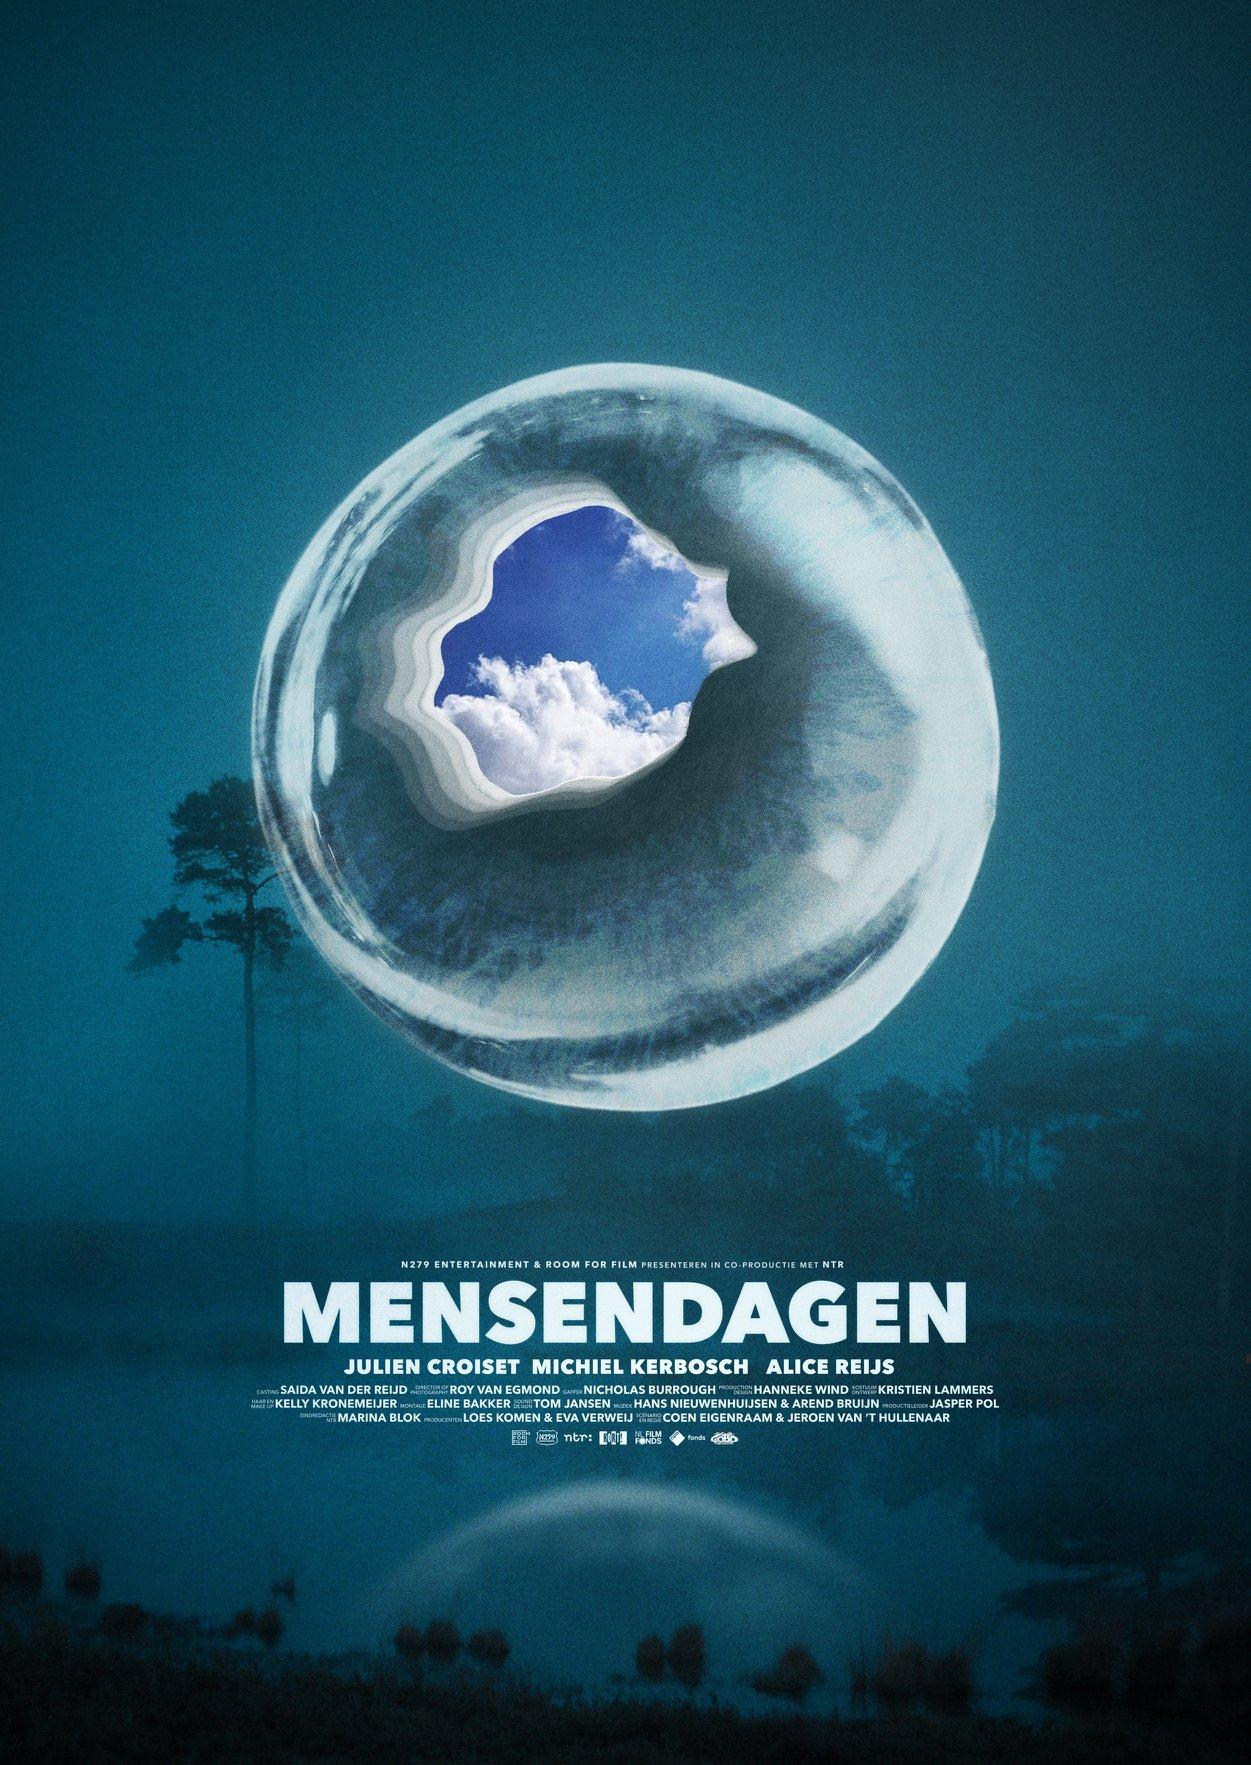 Freek Vrijhof Sound Design and Recording | Mensendagen